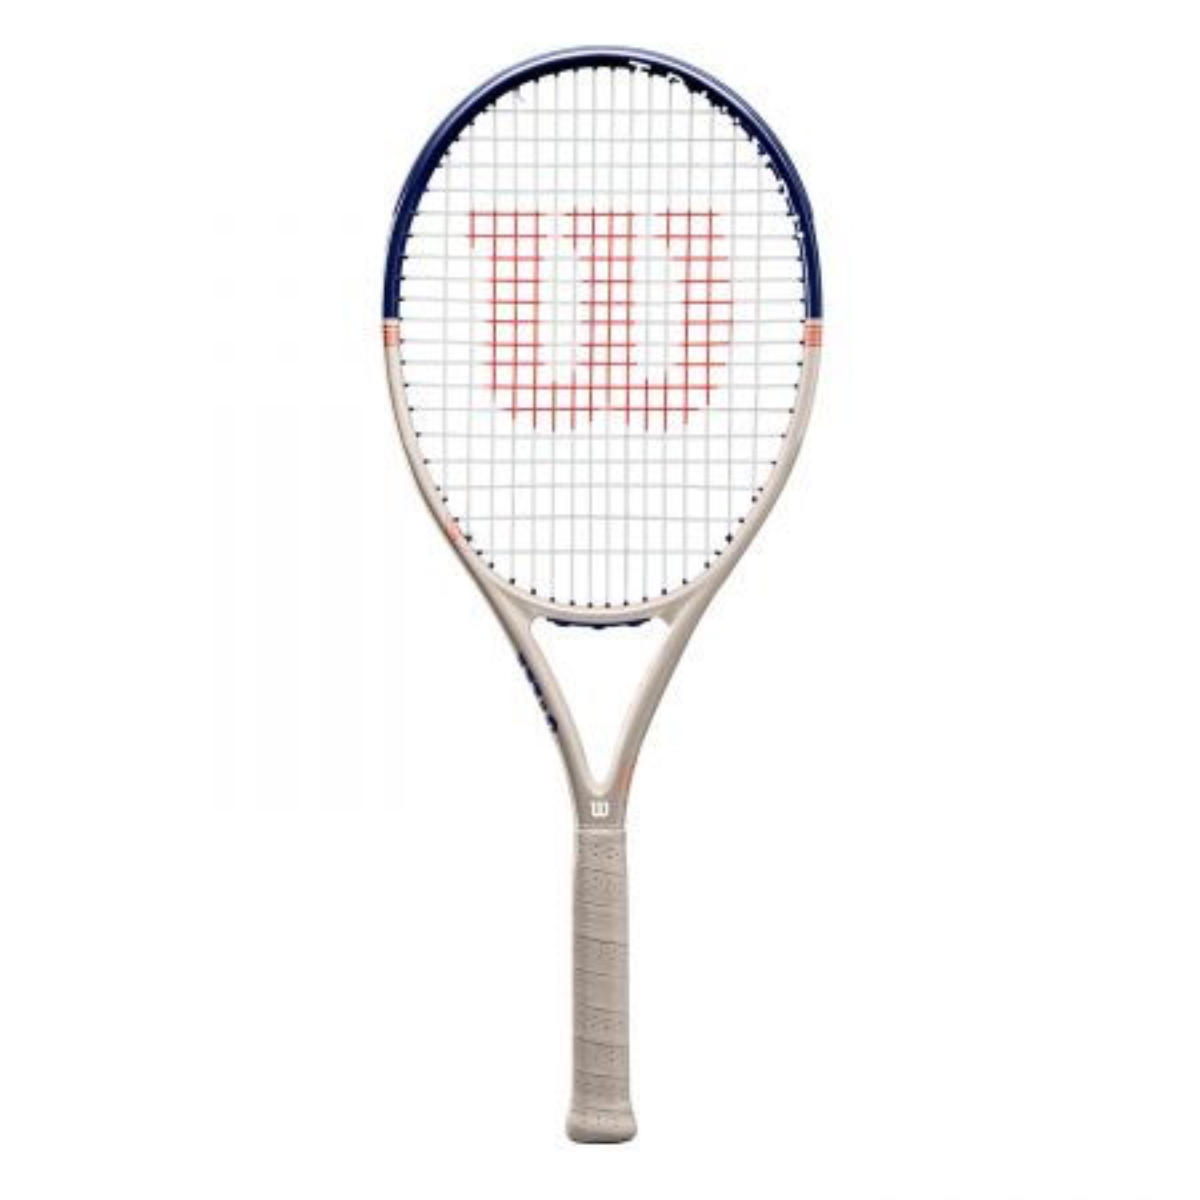 Wilson Roland Garros Triumph reket